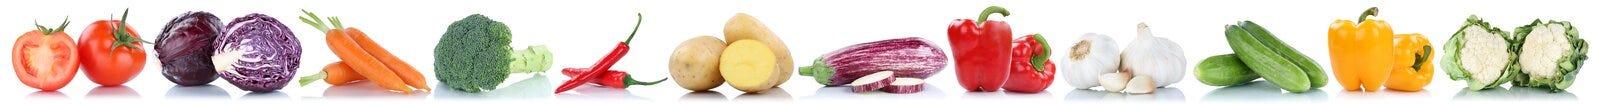 Caulif di verdure dei pomodori delle patate dell'alimento fresco delle carote delle verdure Immagini Stock Libere da Diritti